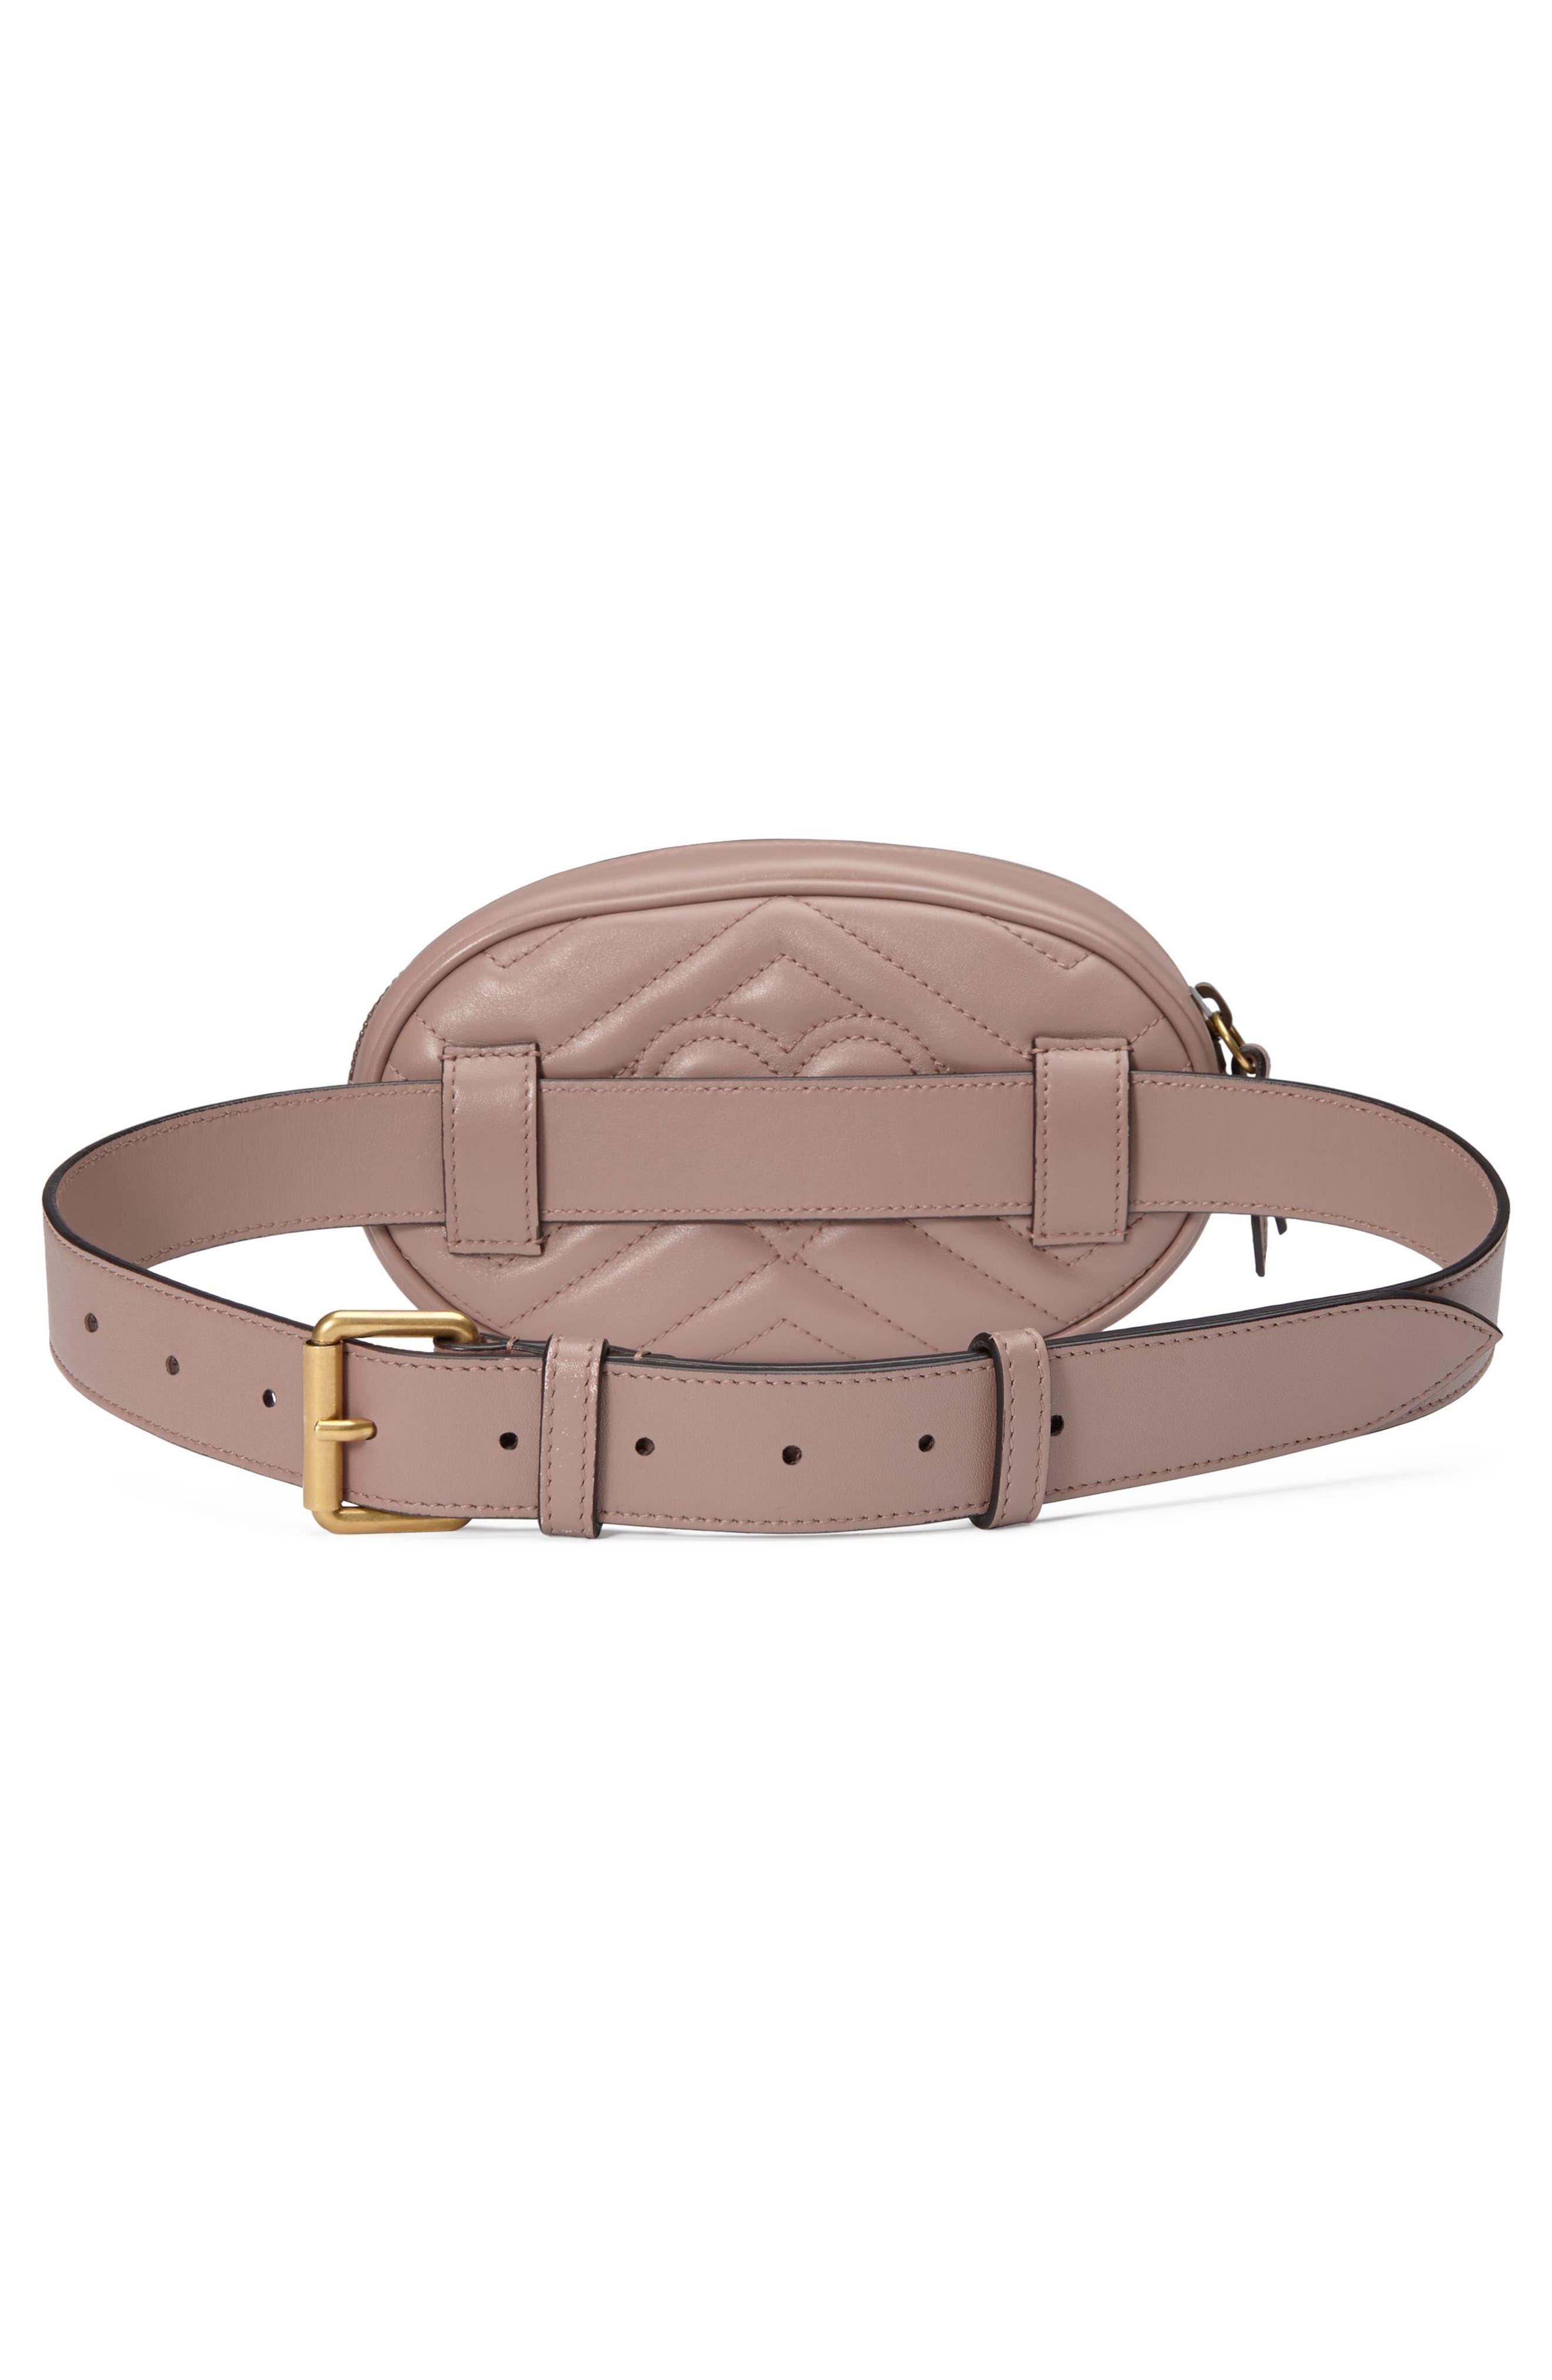 GG Marmont 2.0 Matelassé Leather Belt Bag,                             Alternate thumbnail 2, color,                             PORCELAIN ROSE